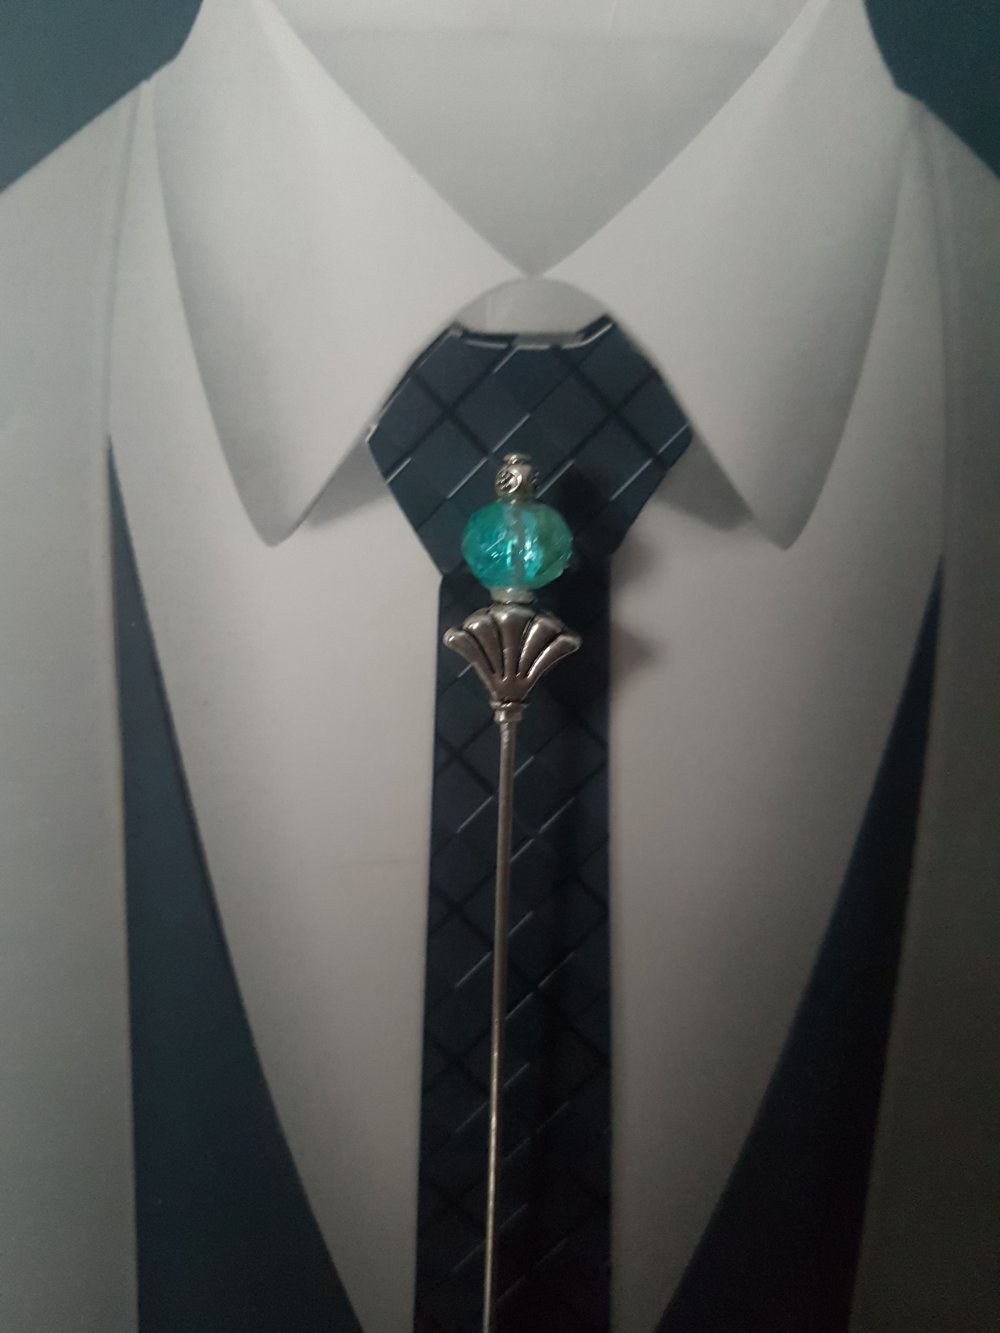 Epingle à cravate ou à lavallière turquoise et argent pour mariage ou pour tous les jours